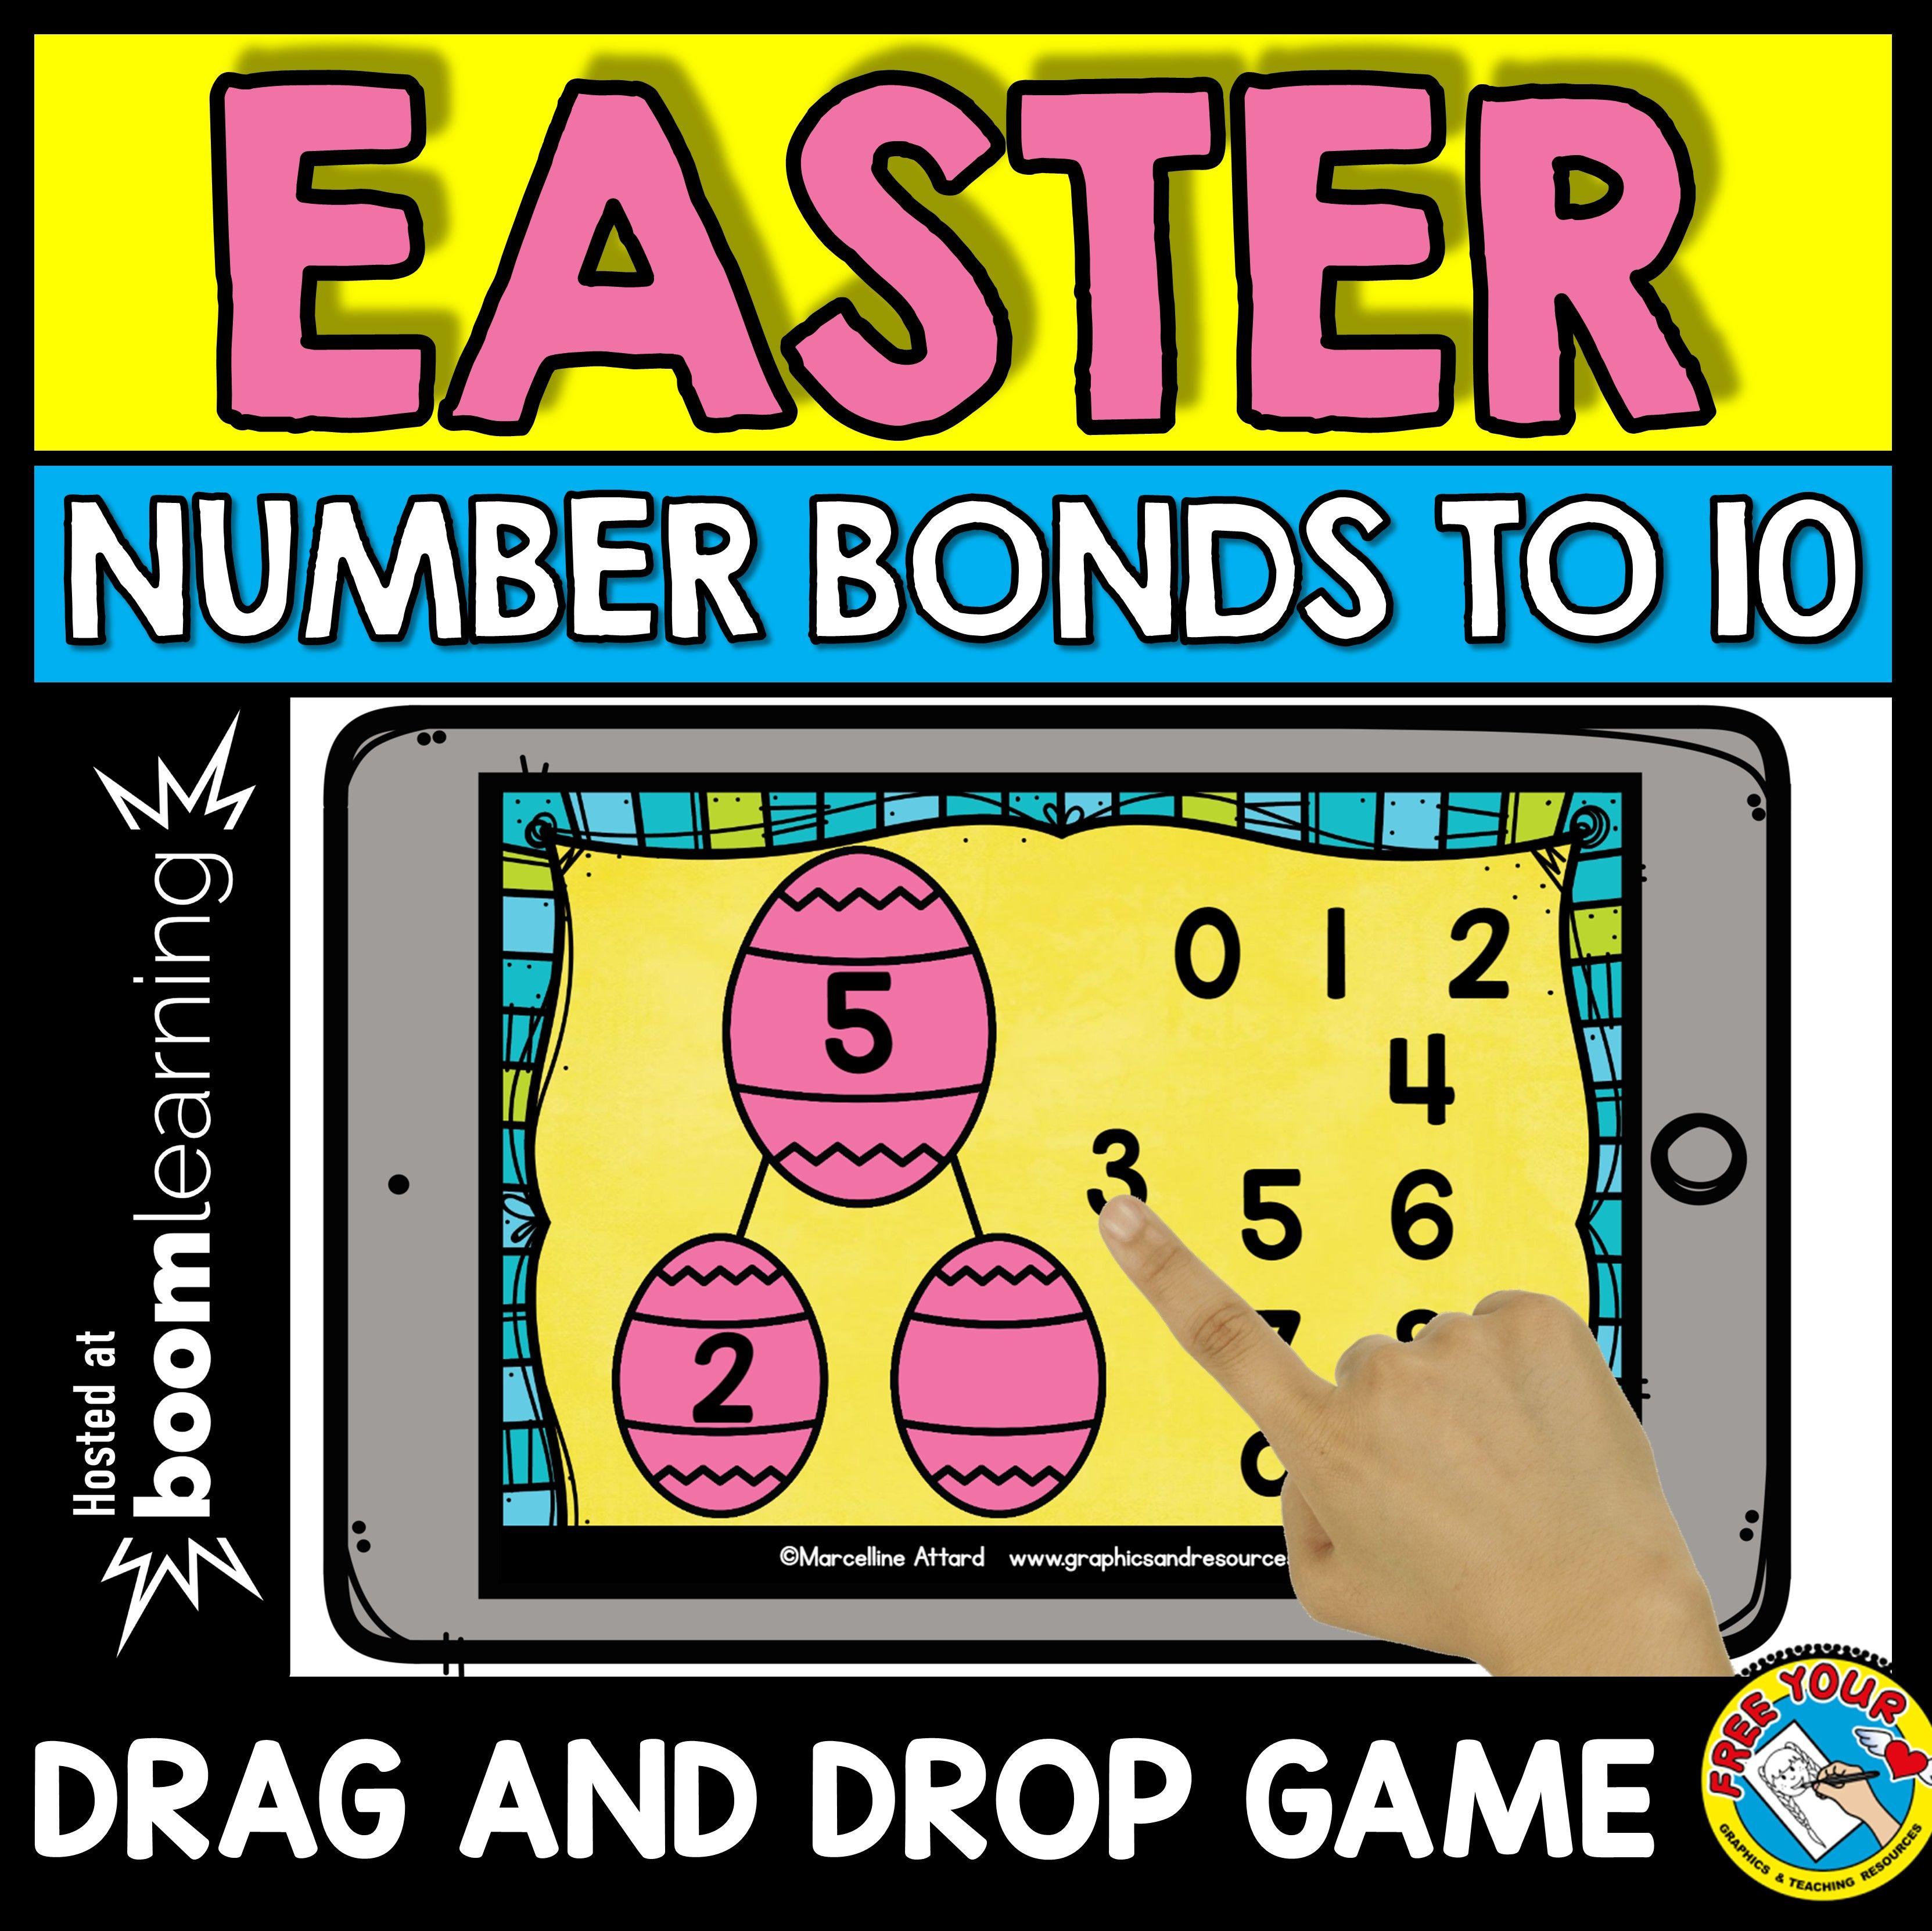 Easter Number Bonds Kindergarten Easter Egg Drag And Drop The Missing Number Game A Fun Easte Number Bonds To 10 Easter Kindergarten Activities Number Bonds